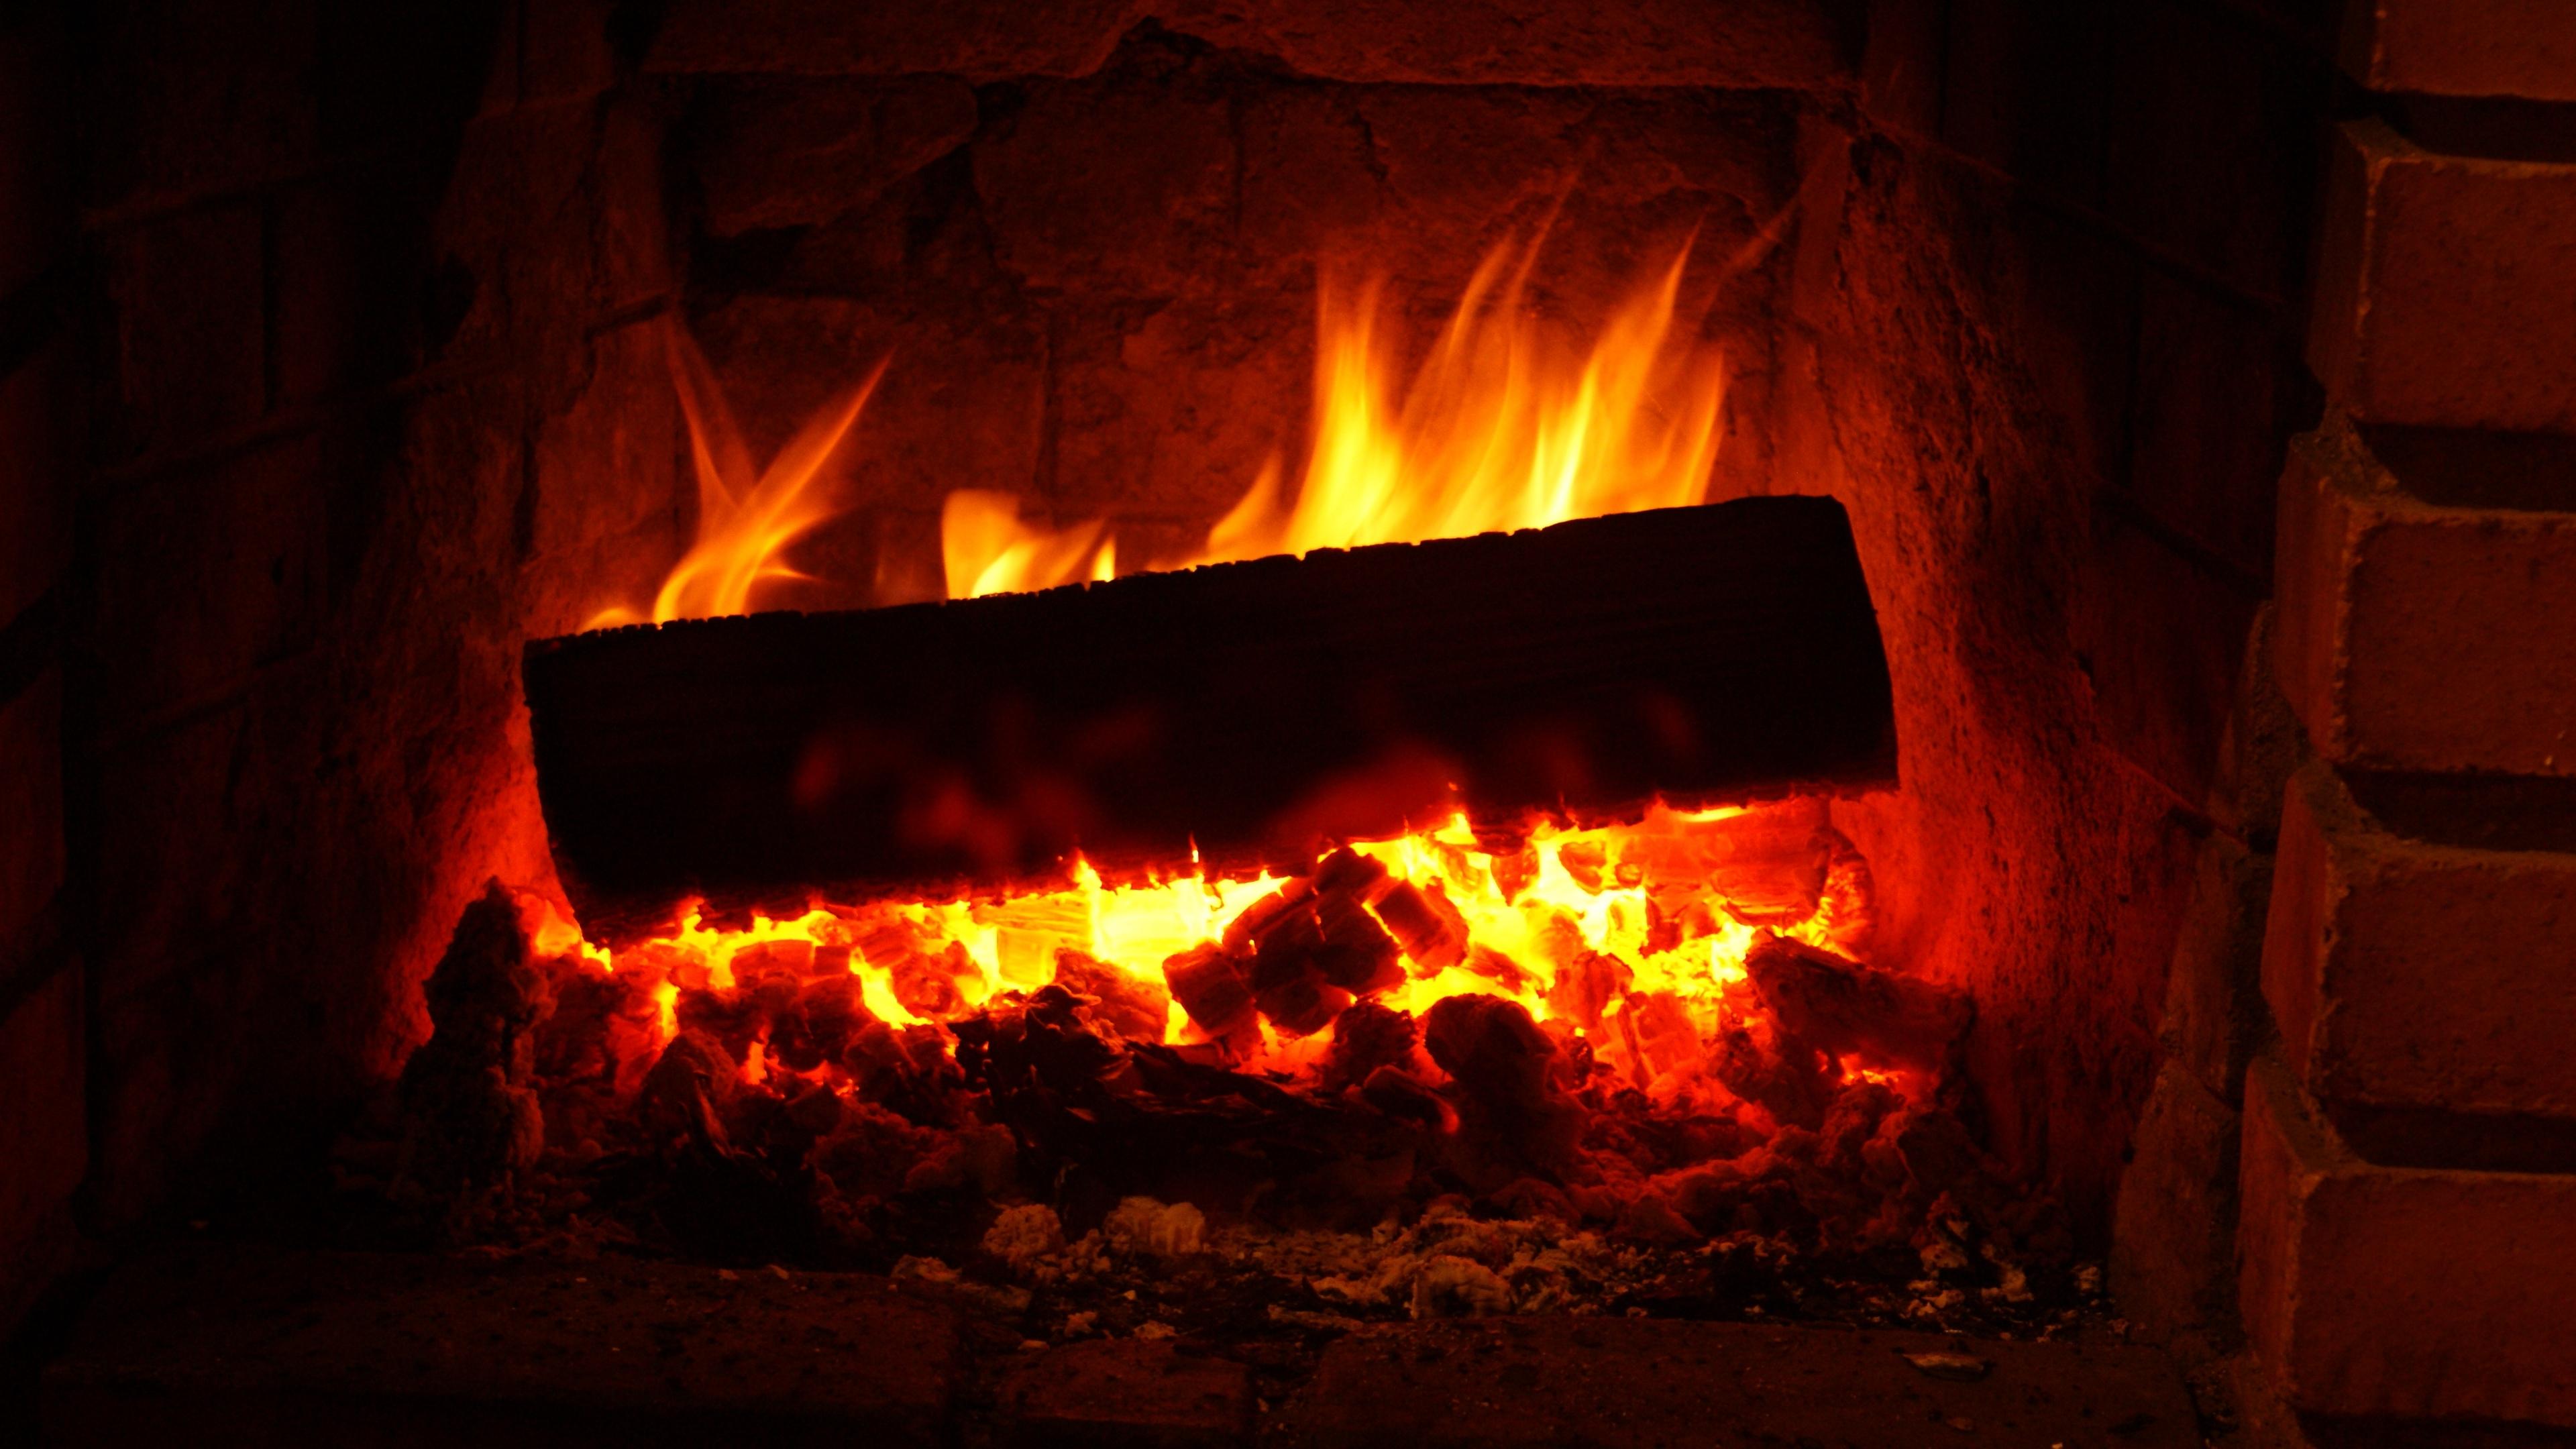 fireplace wood embers fire 4k 1540574442 - fireplace, wood, embers, fire 4k - wood, fireplace, embers